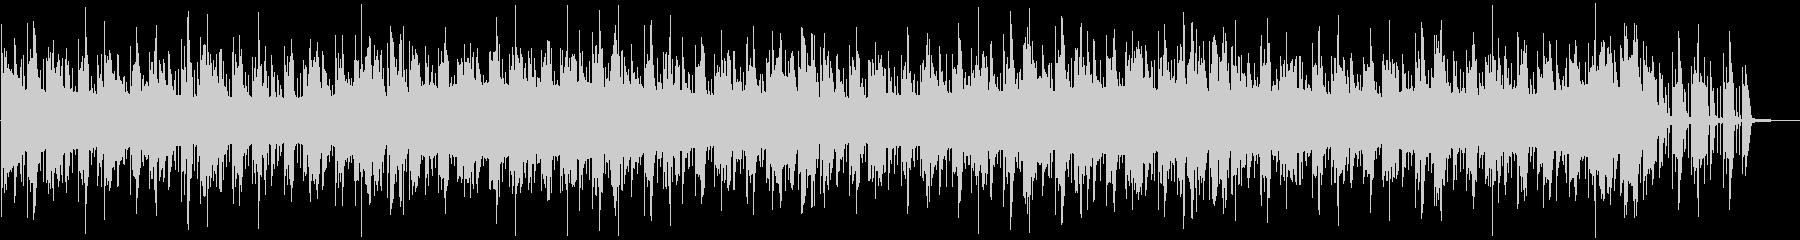 シンセとドラムンベースをフィーチャーの未再生の波形